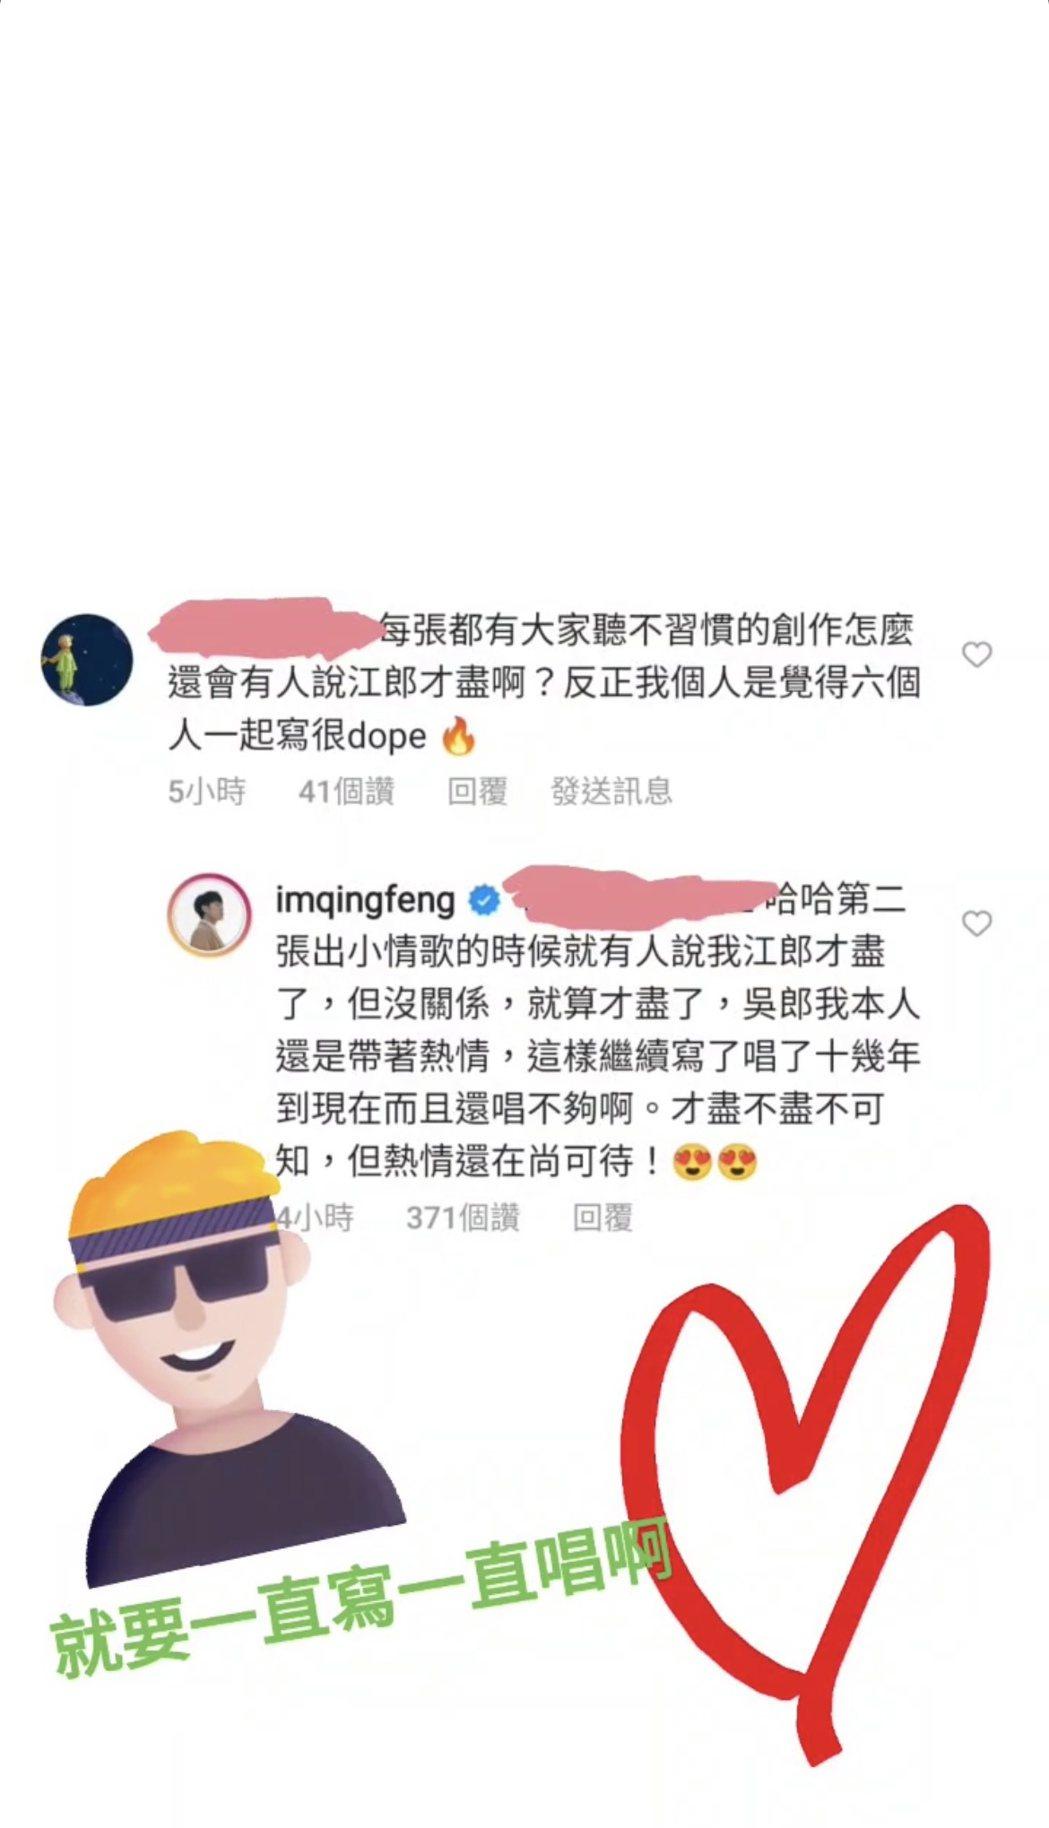 青峰高EQ回覆「江郎才盡」說。圖/摘自IG